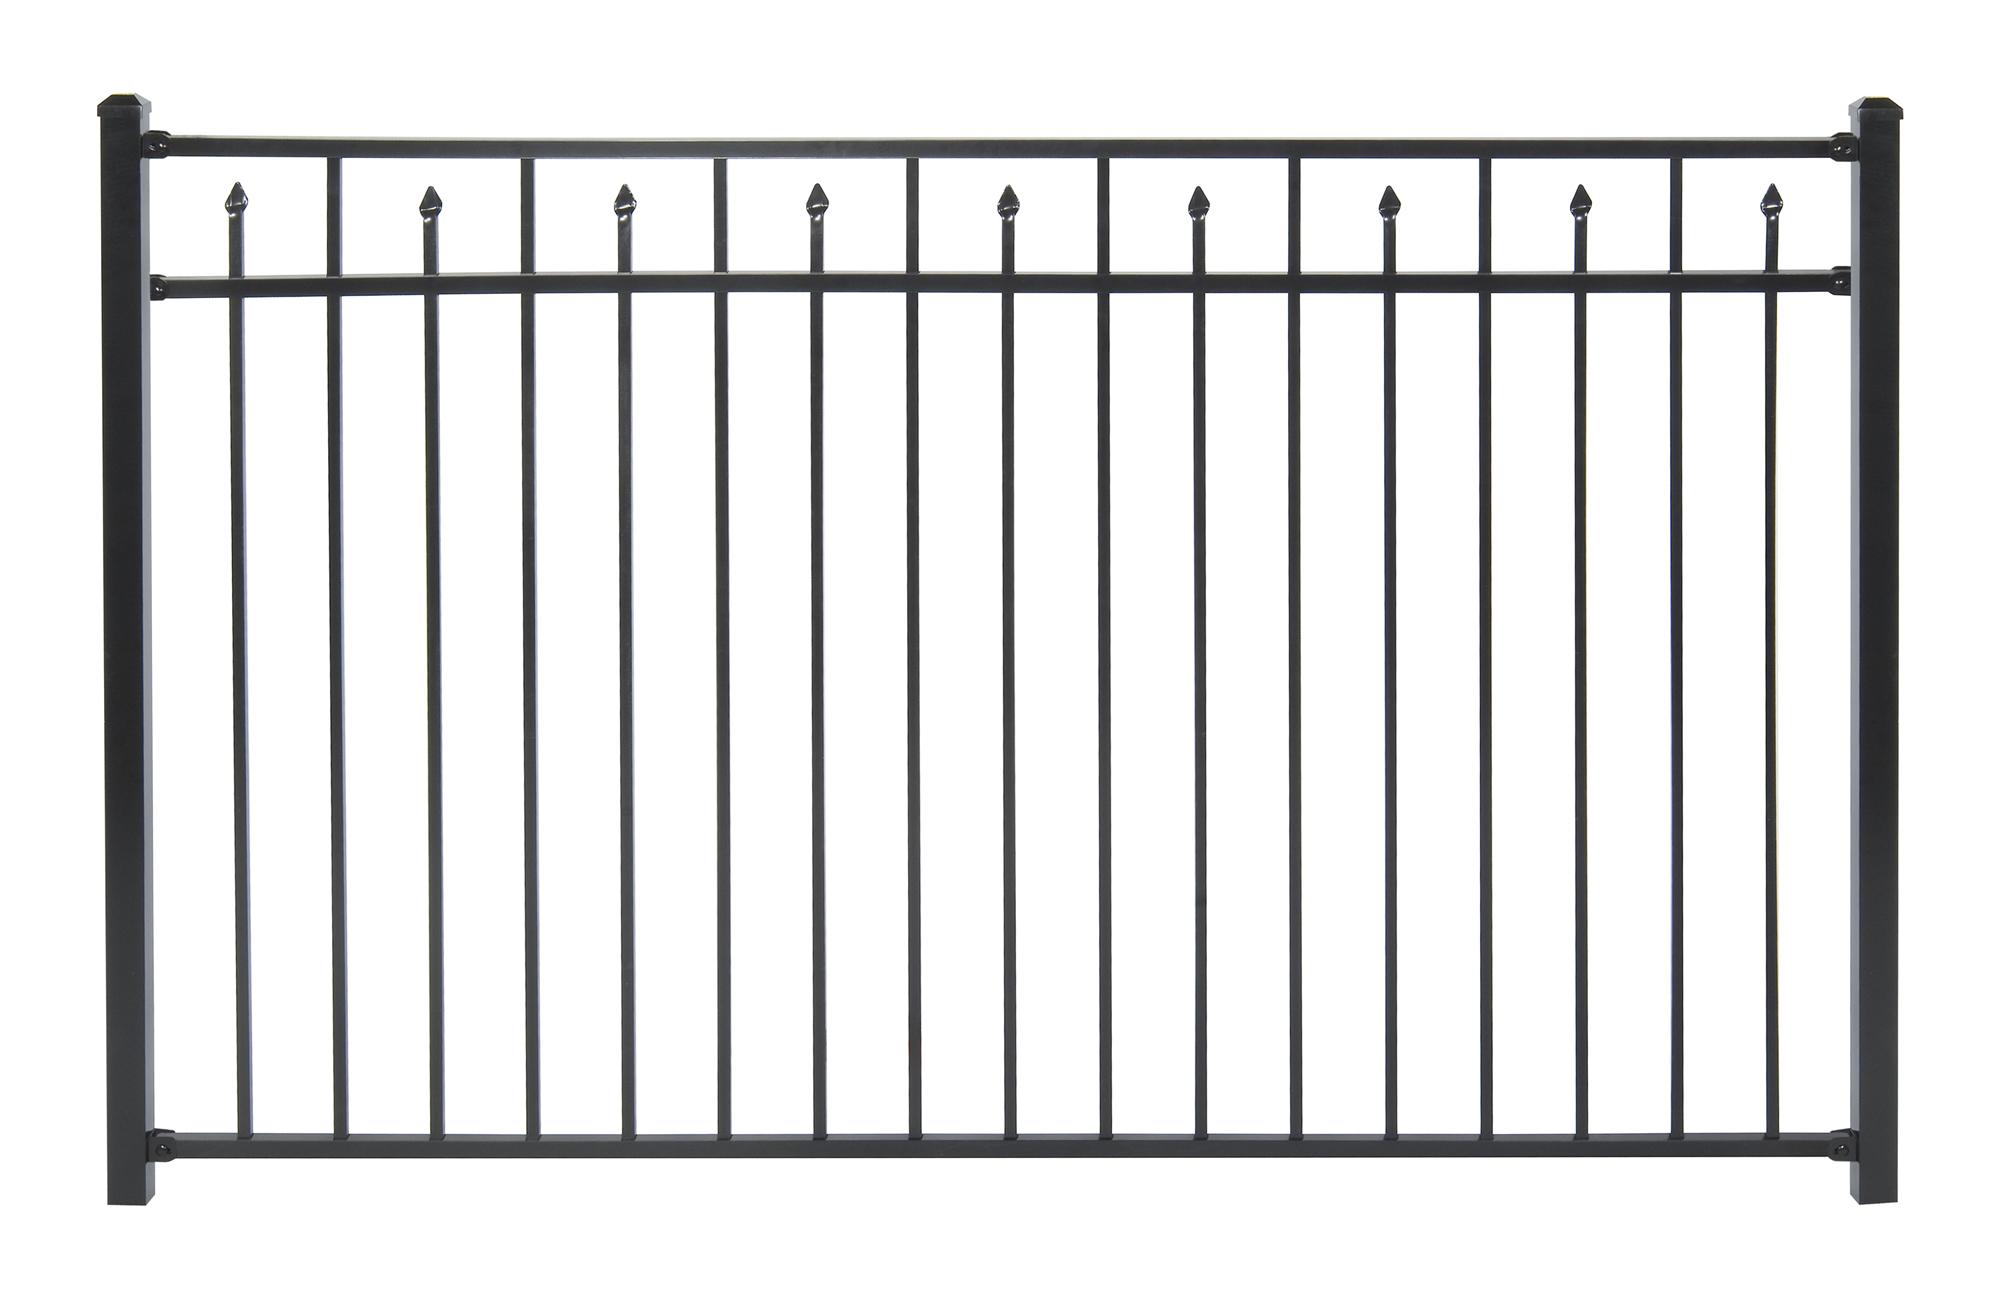 Handy Andy Aluminum Fence Wambam Fence